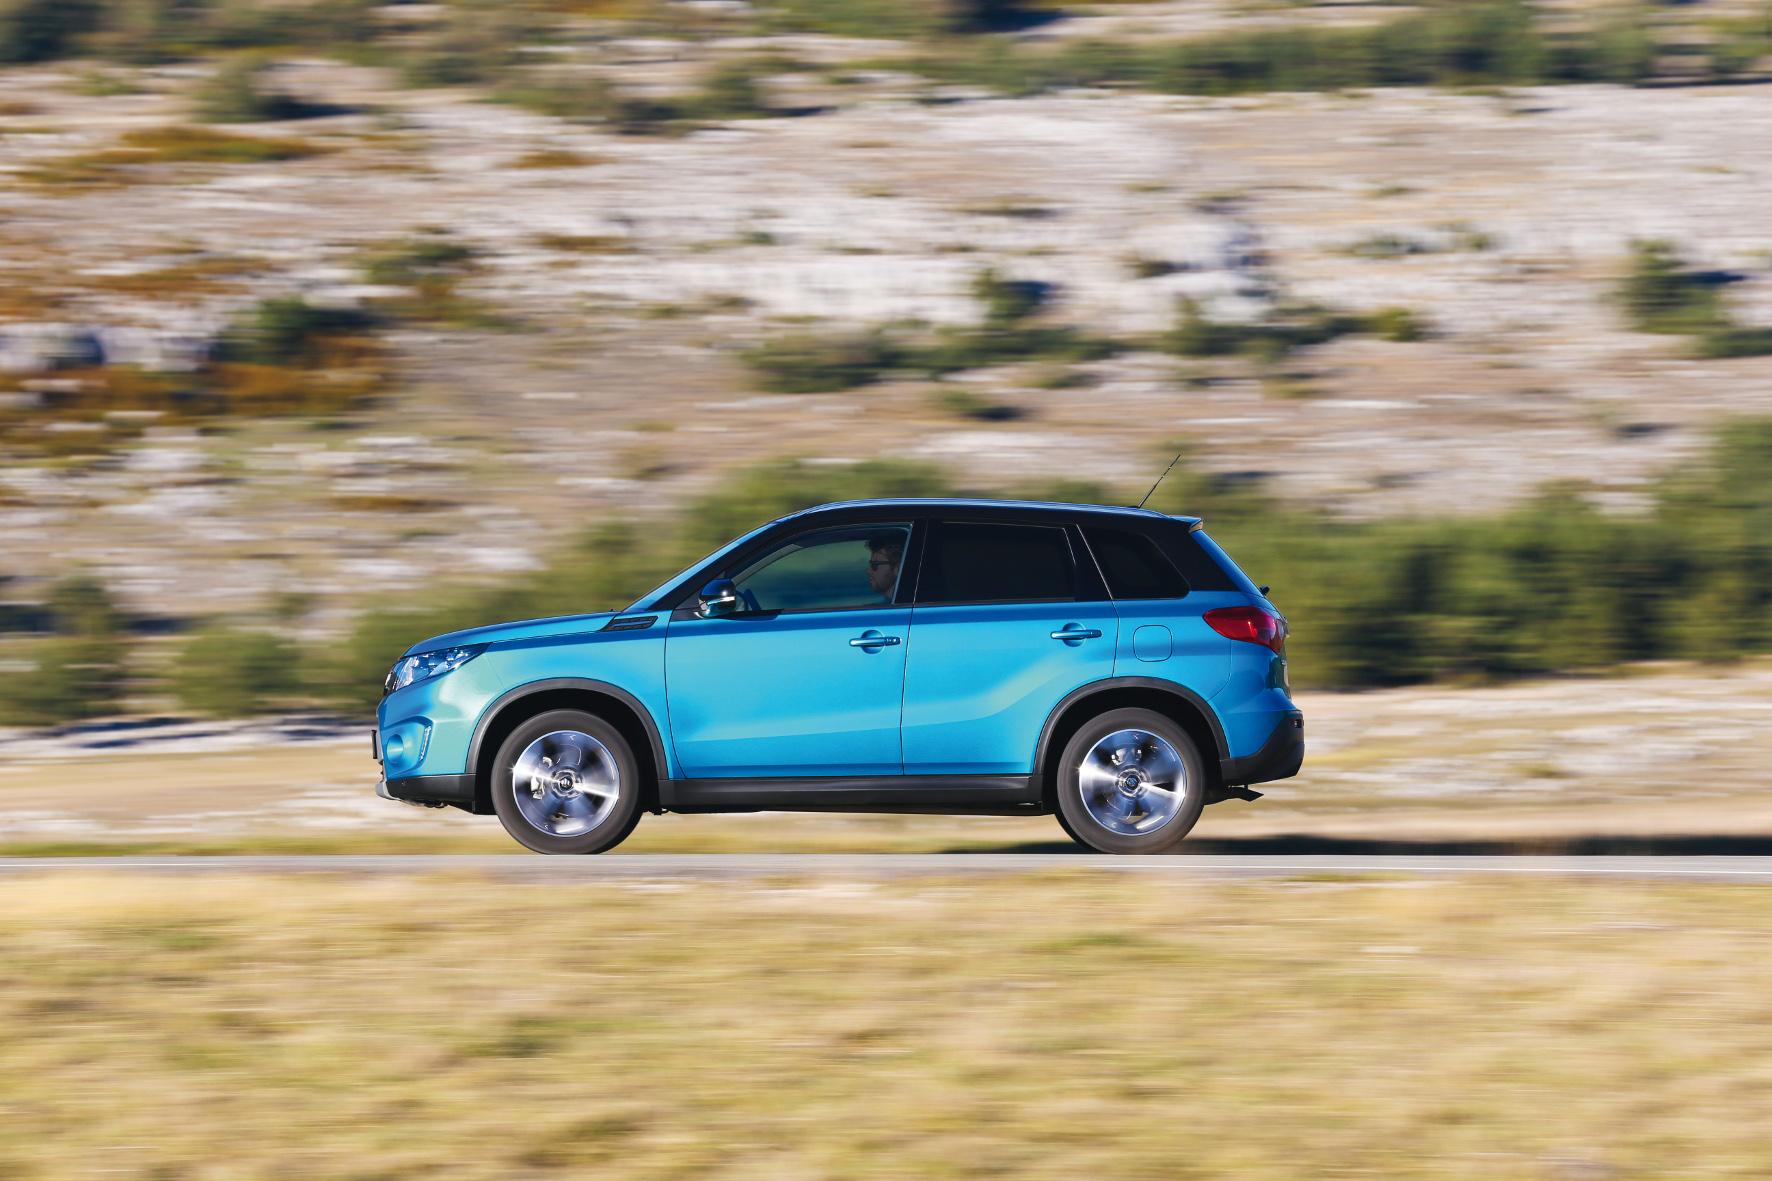 Überzeugend: Der 120-PS-Dieselmotor des Suzuki Vitara ist laufruhig, durchzugsstark und mit 6,2 Liter Testverbrauch zudem sparsam.